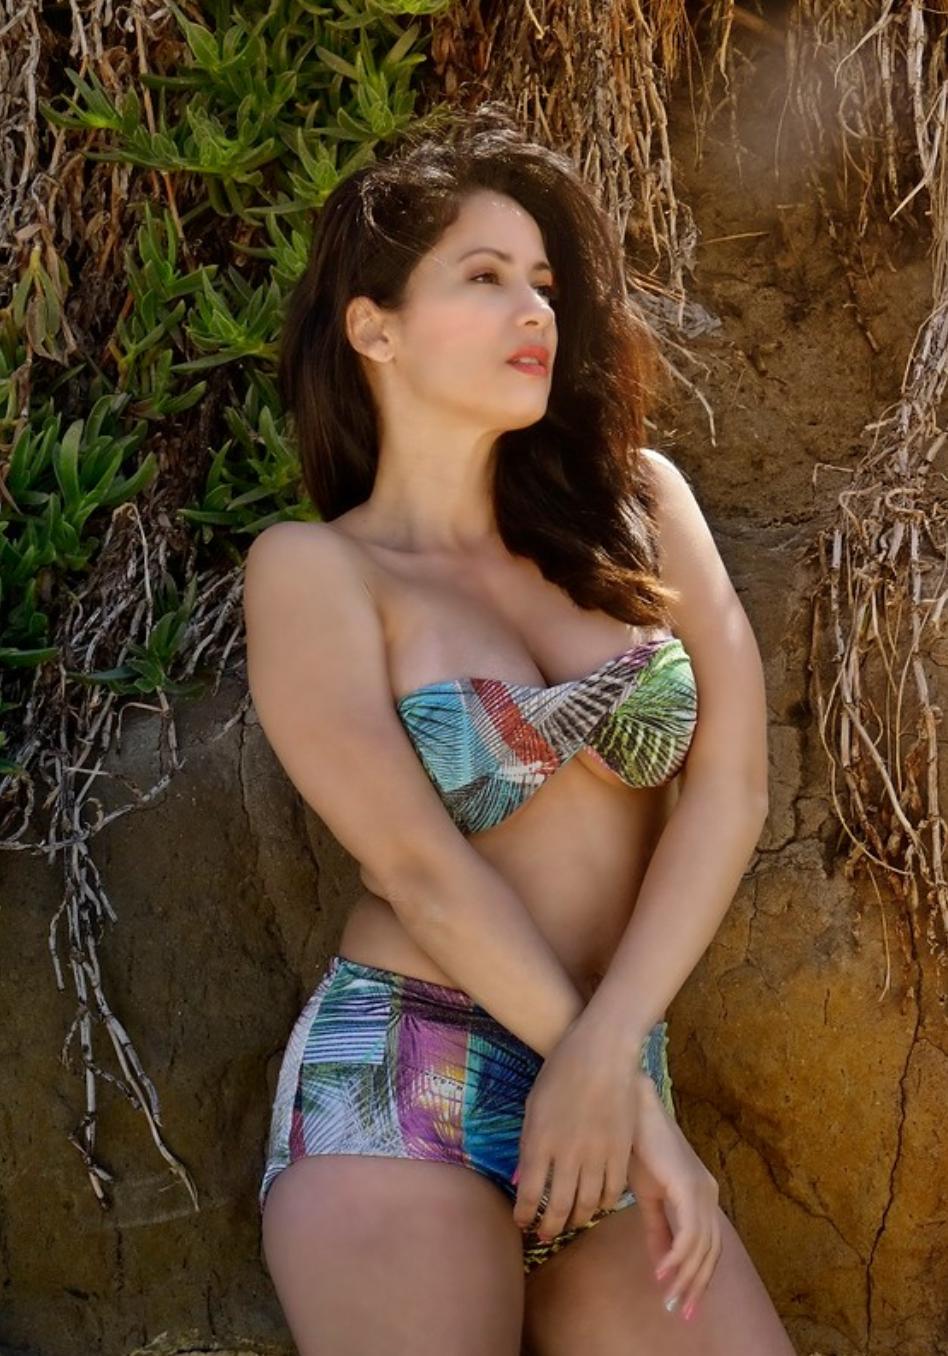 Une sexy woman assurément!